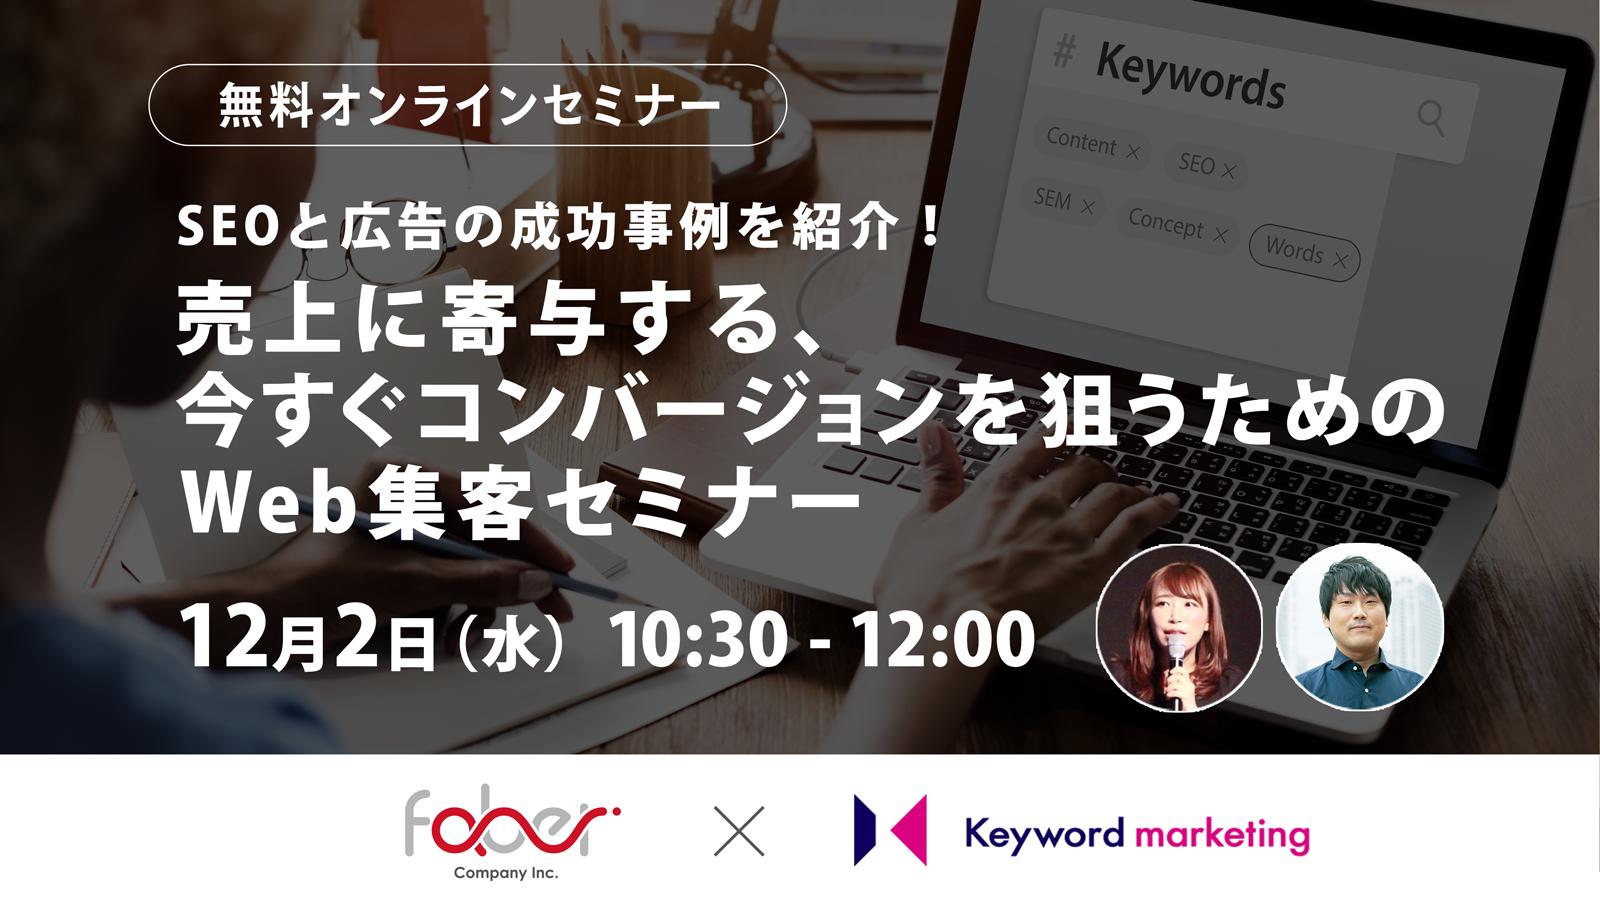 12月2日(水)開催/SEOと広告の成功事例を紹介! 売上に寄与する今すぐコンバージョンを狙うためのWeb集客セミナー